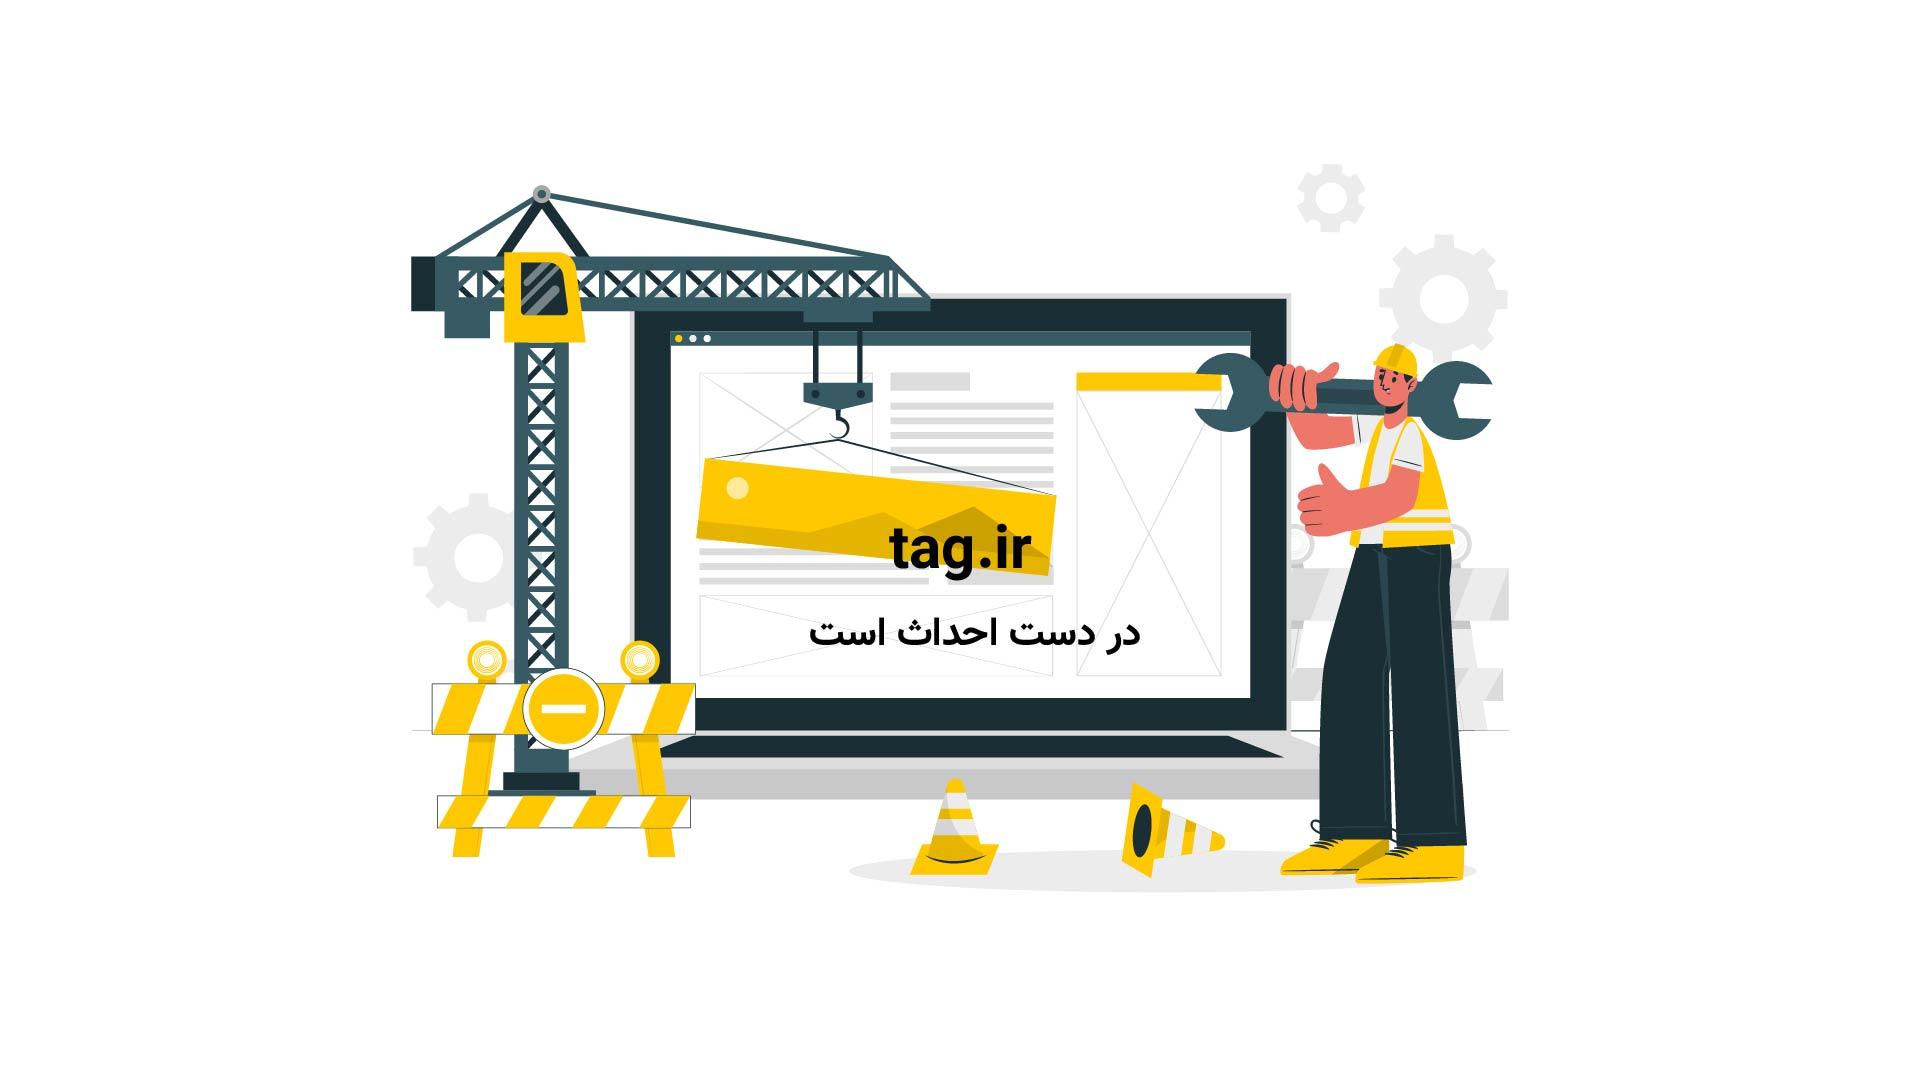 انیمیشن گربه سایمون؛ این قسمت سگ نادون | فیلم